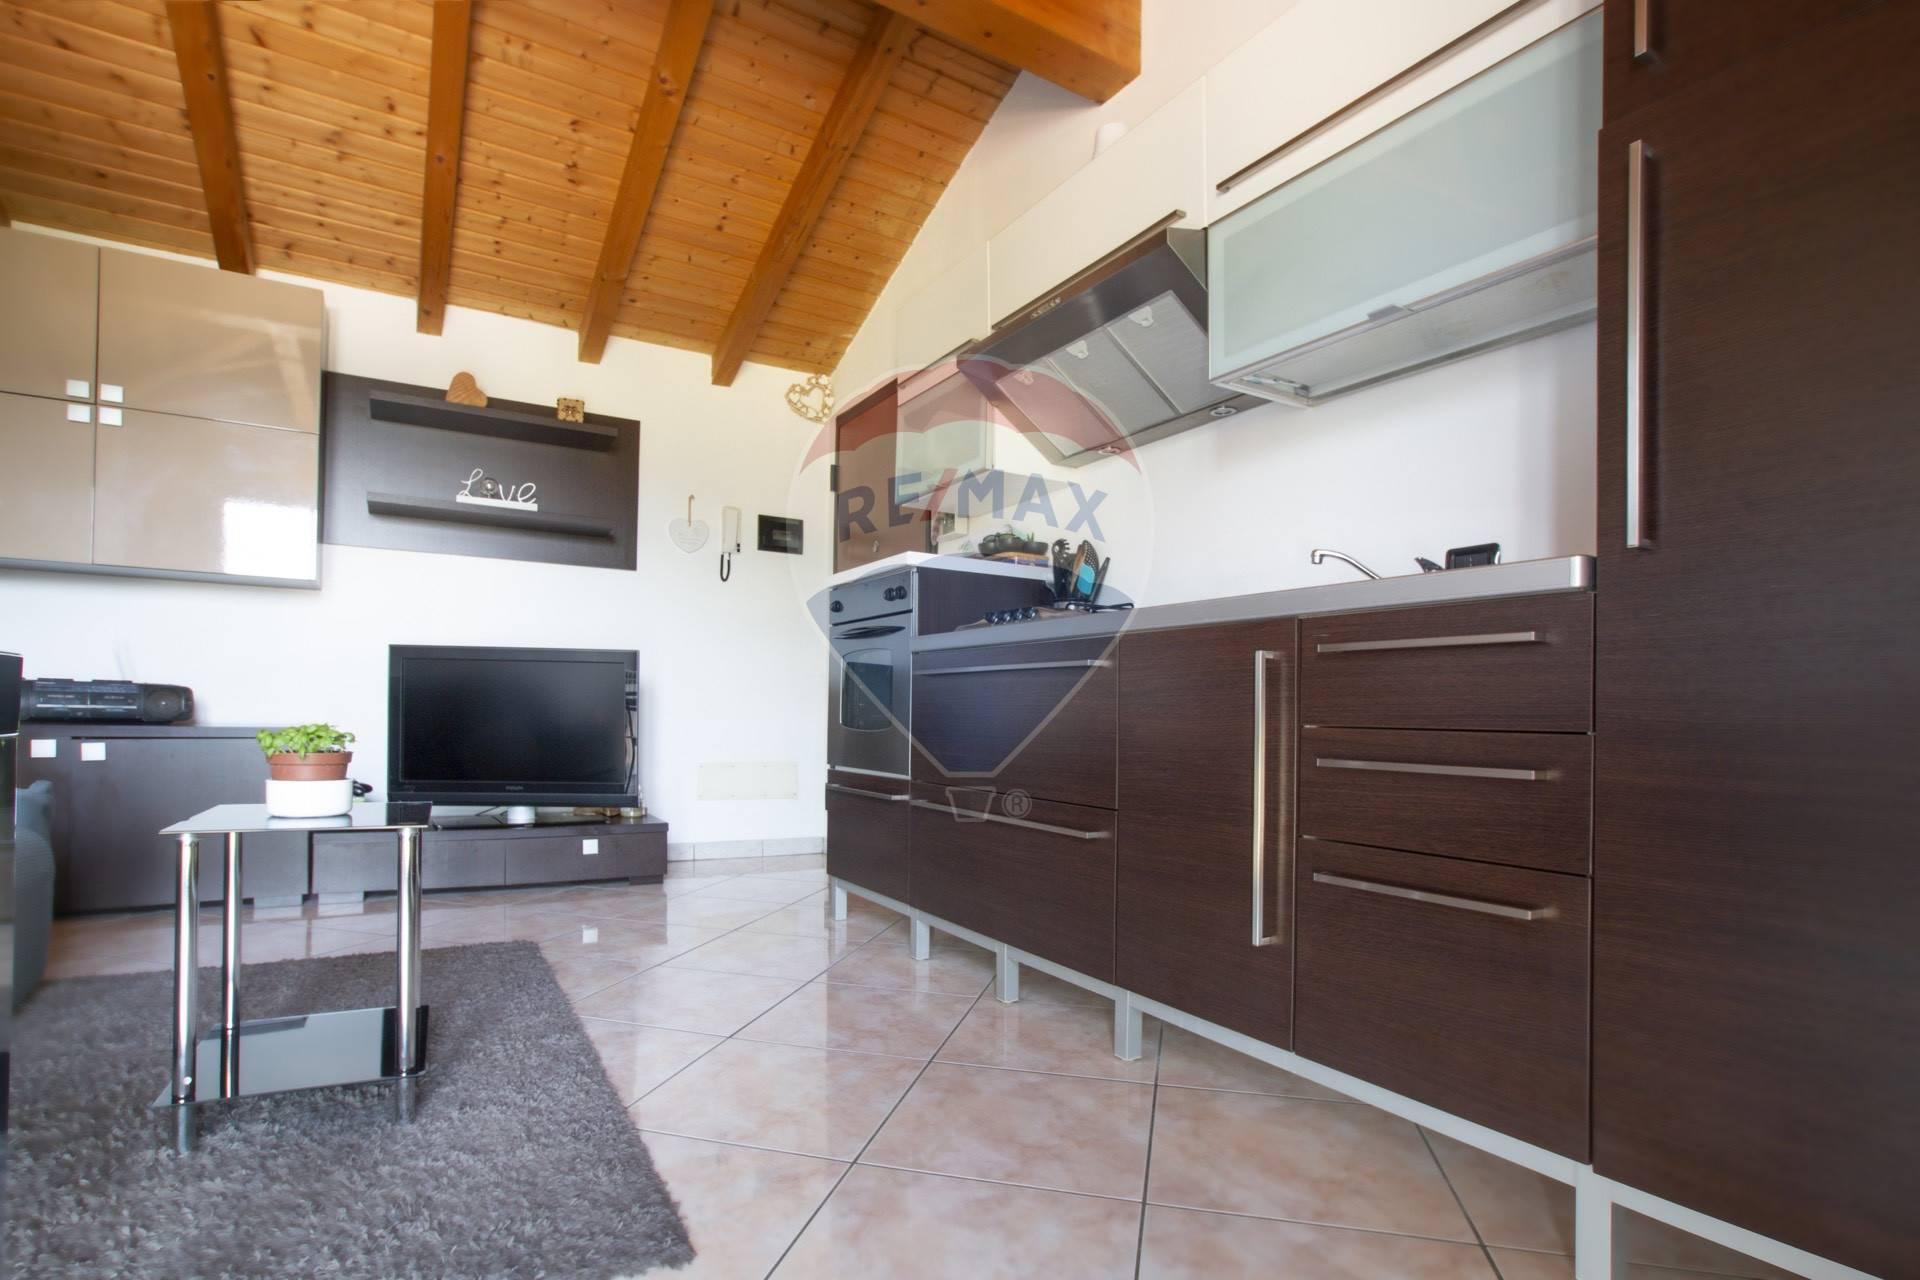 Appartamento in vendita a Ferrera di Varese, 2 locali, prezzo € 63.000 | CambioCasa.it